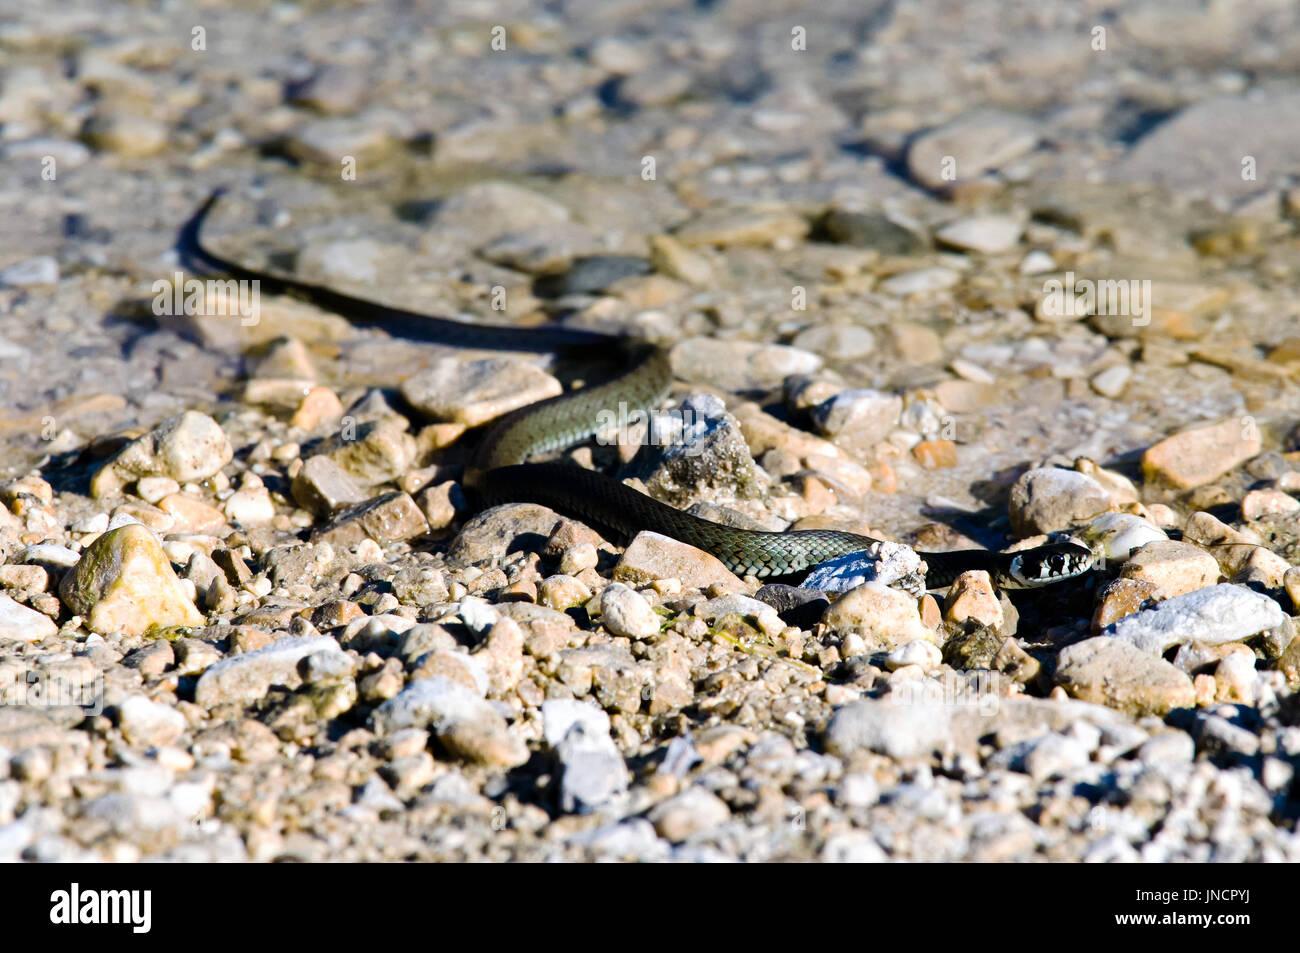 La culebra (Natrix natrix) rodada en una orilla de un lago. Imagen De Stock